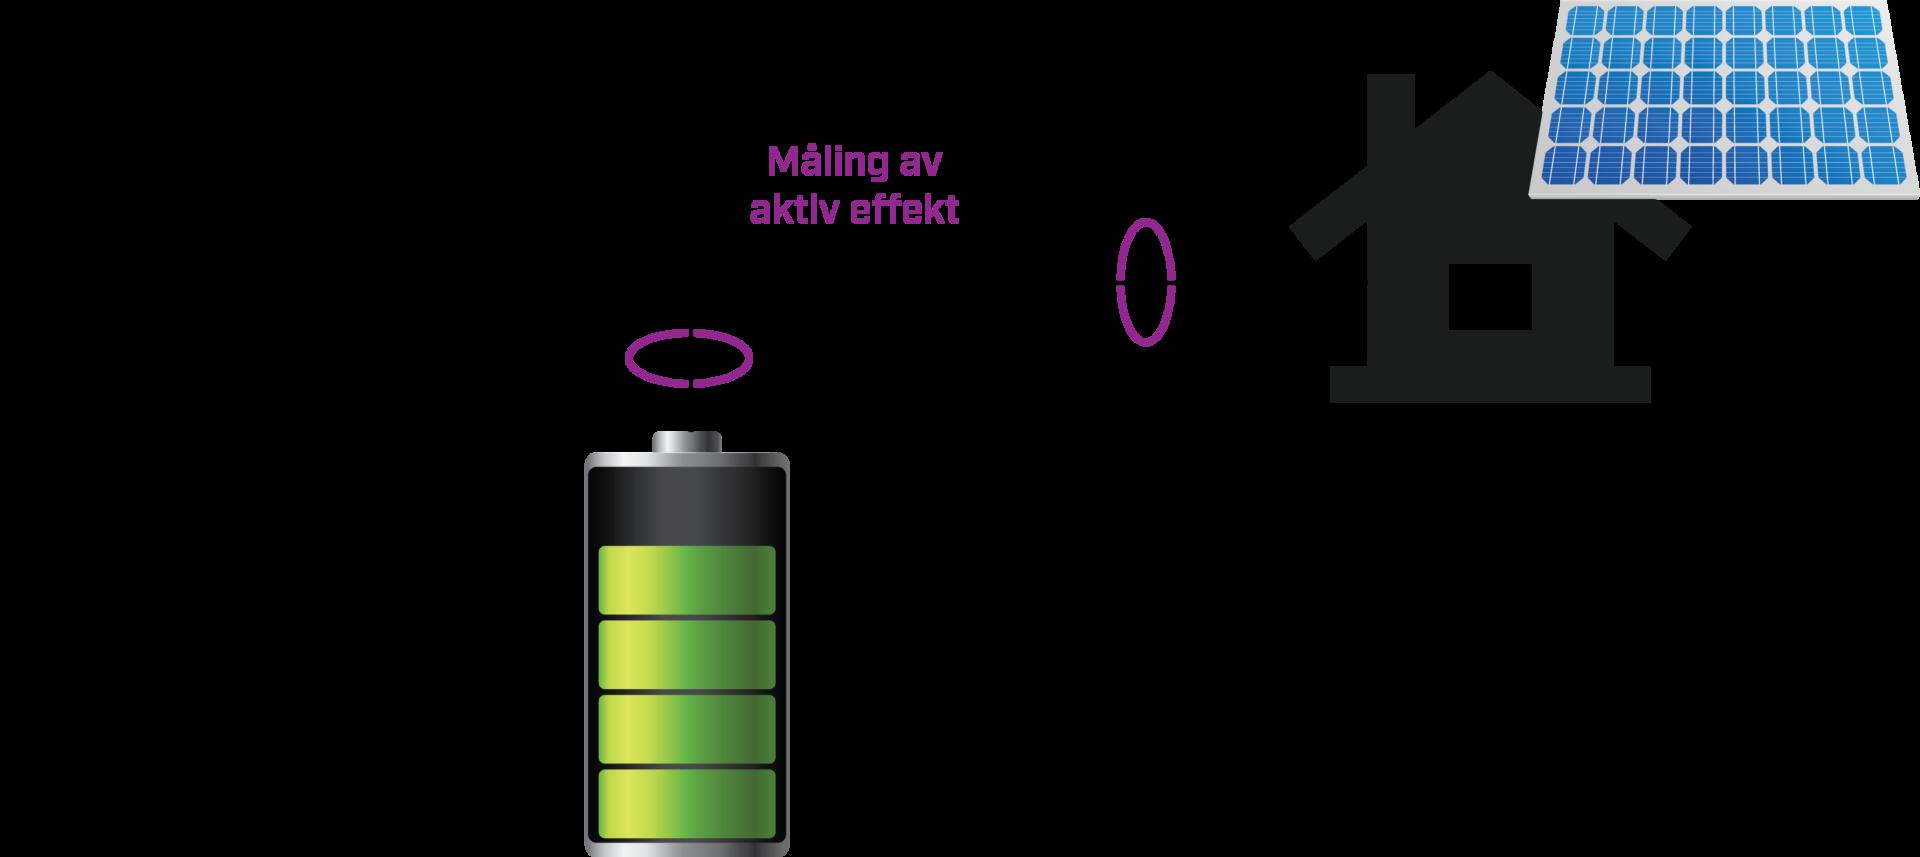 Enlinjeskjema plusskunde i svakt nett. integrere batterisystem